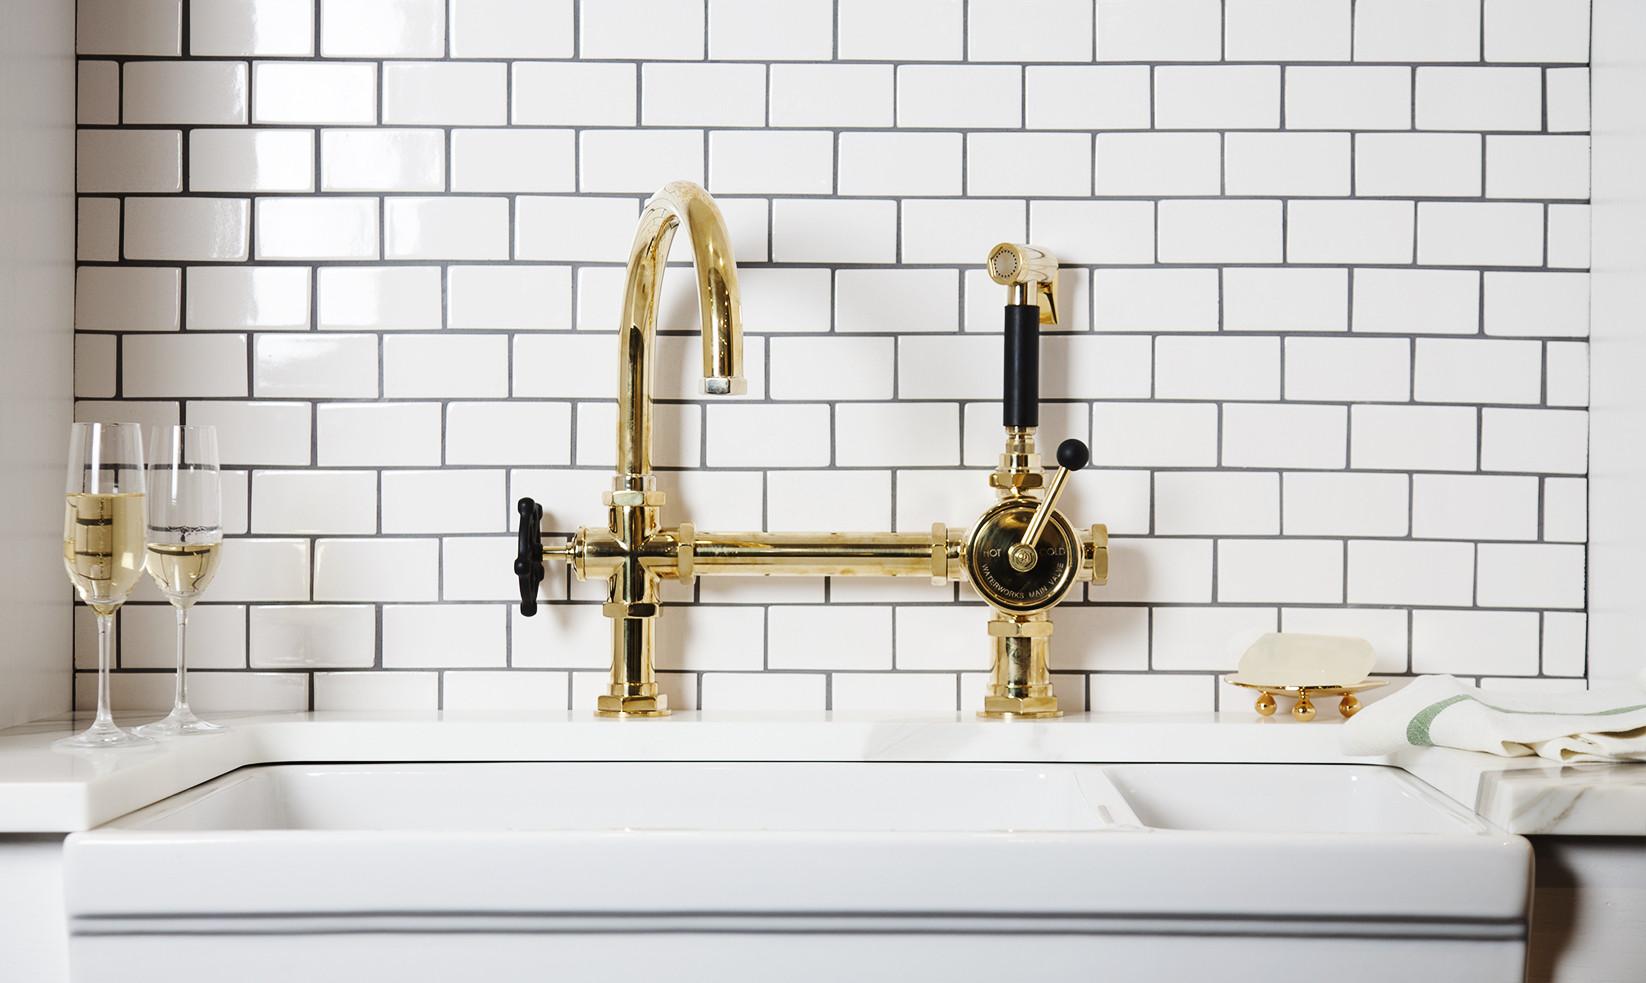 brass kitchen faucet unlacquered brass kitchen faucet Unlacquered Brass Kitchen Faucet